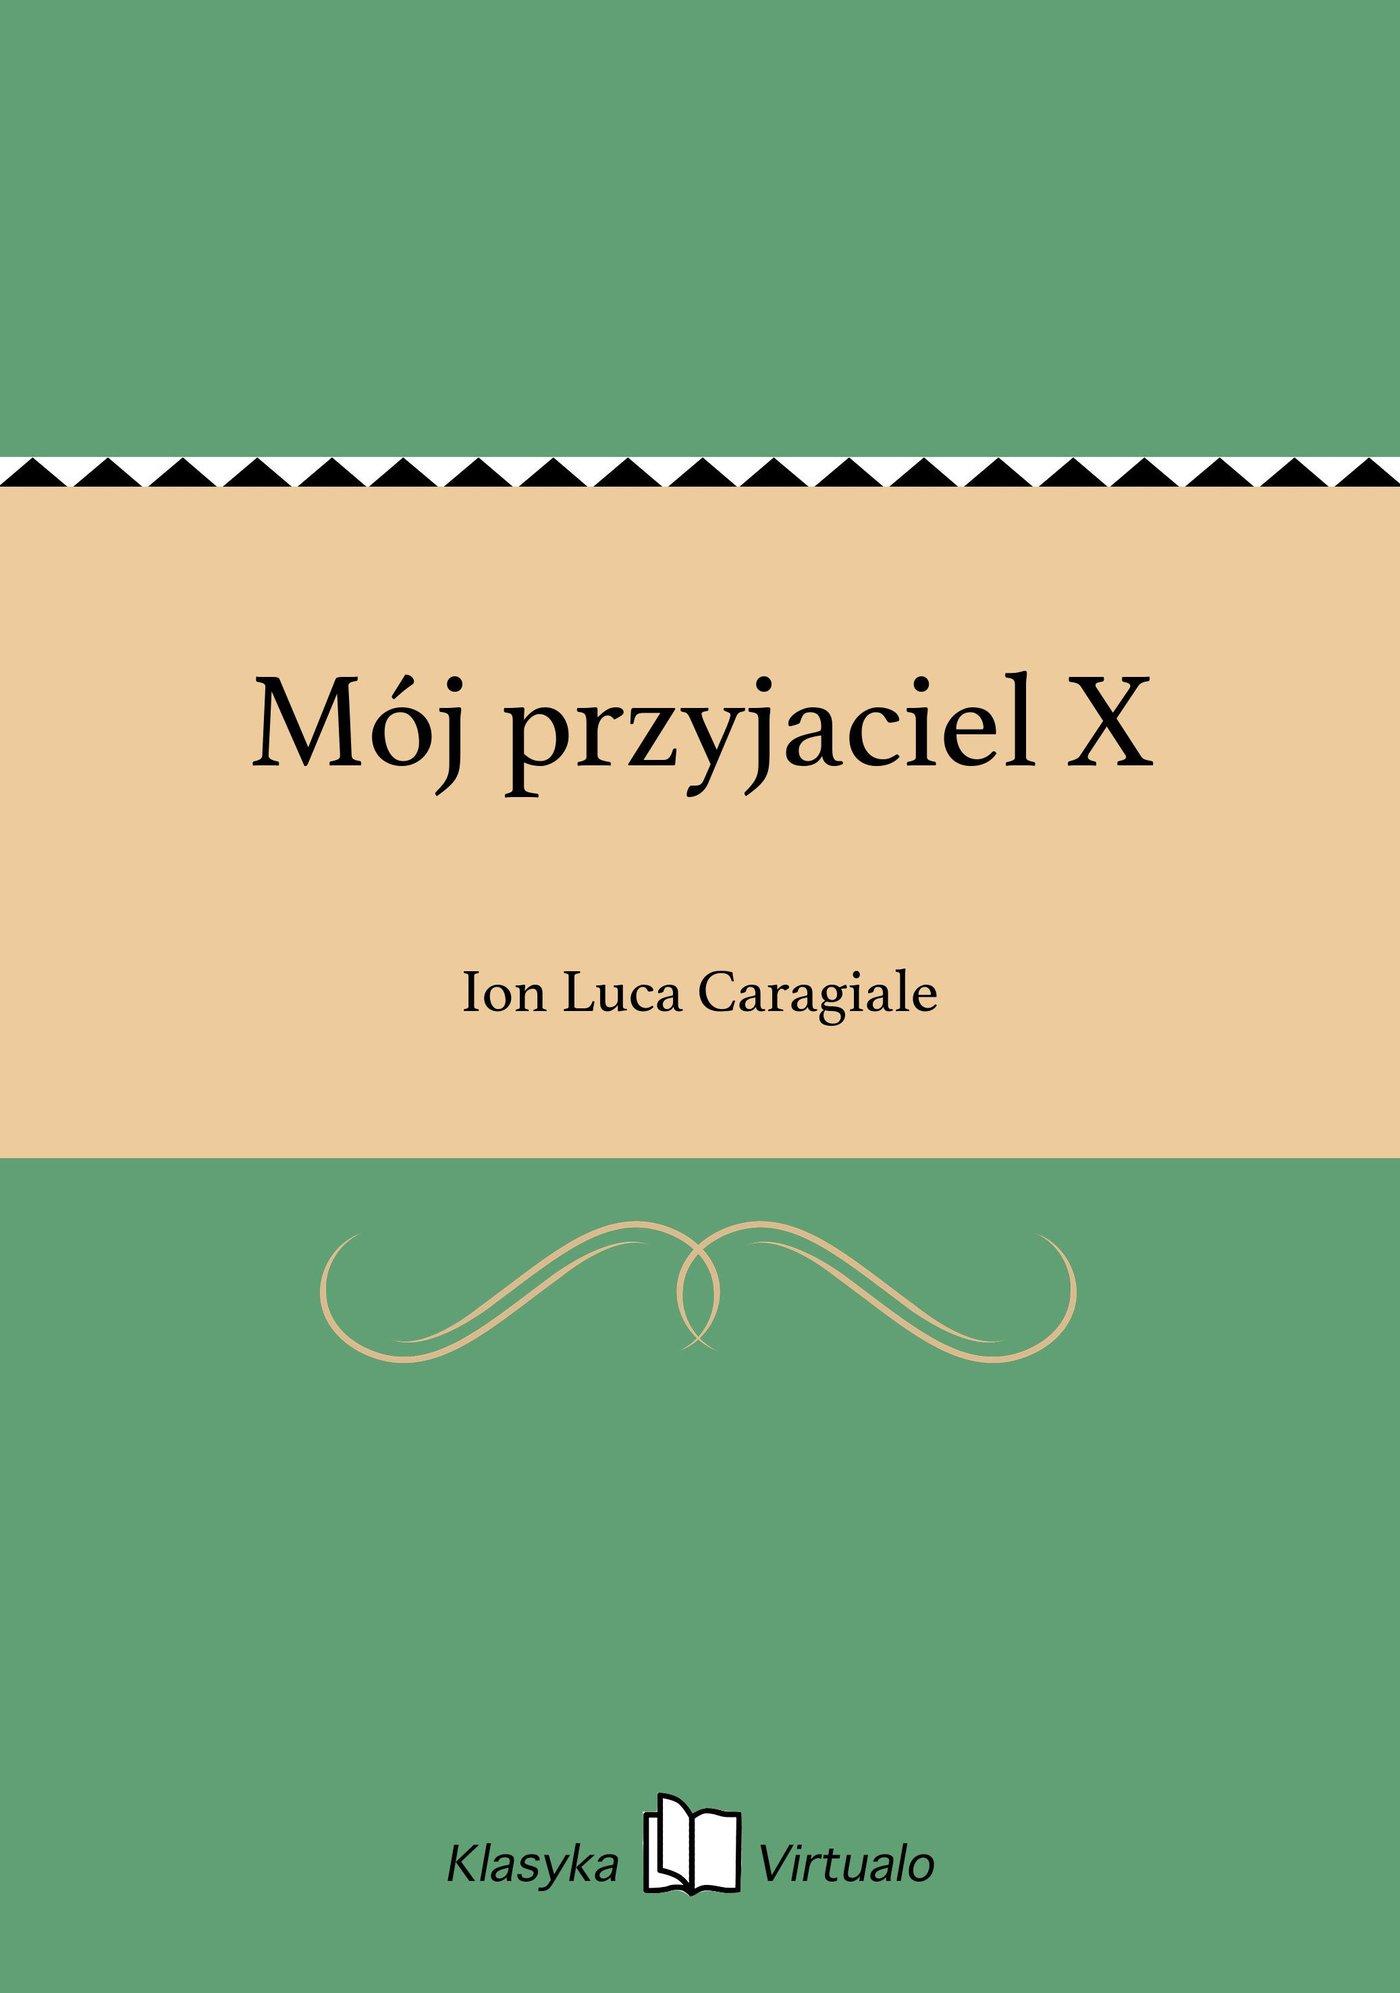 Mój przyjaciel X - Ebook (Książka na Kindle) do pobrania w formacie MOBI